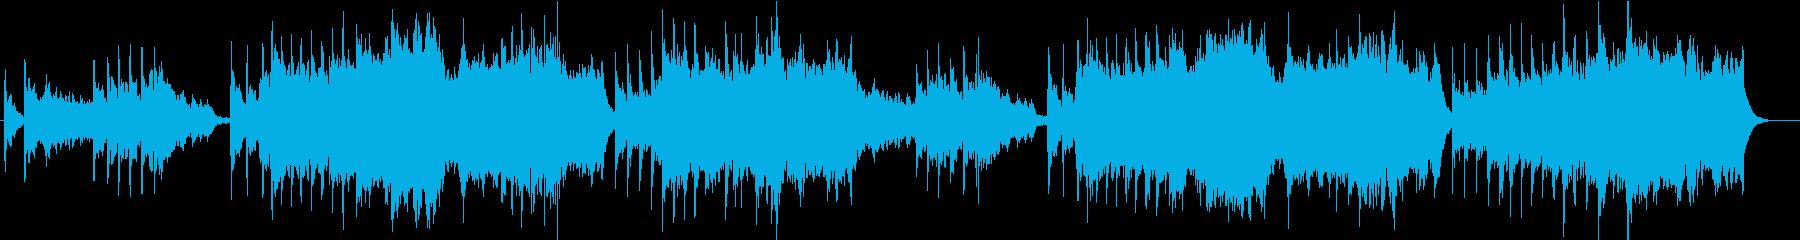 トロイメライ オルゴールオーケストラの再生済みの波形